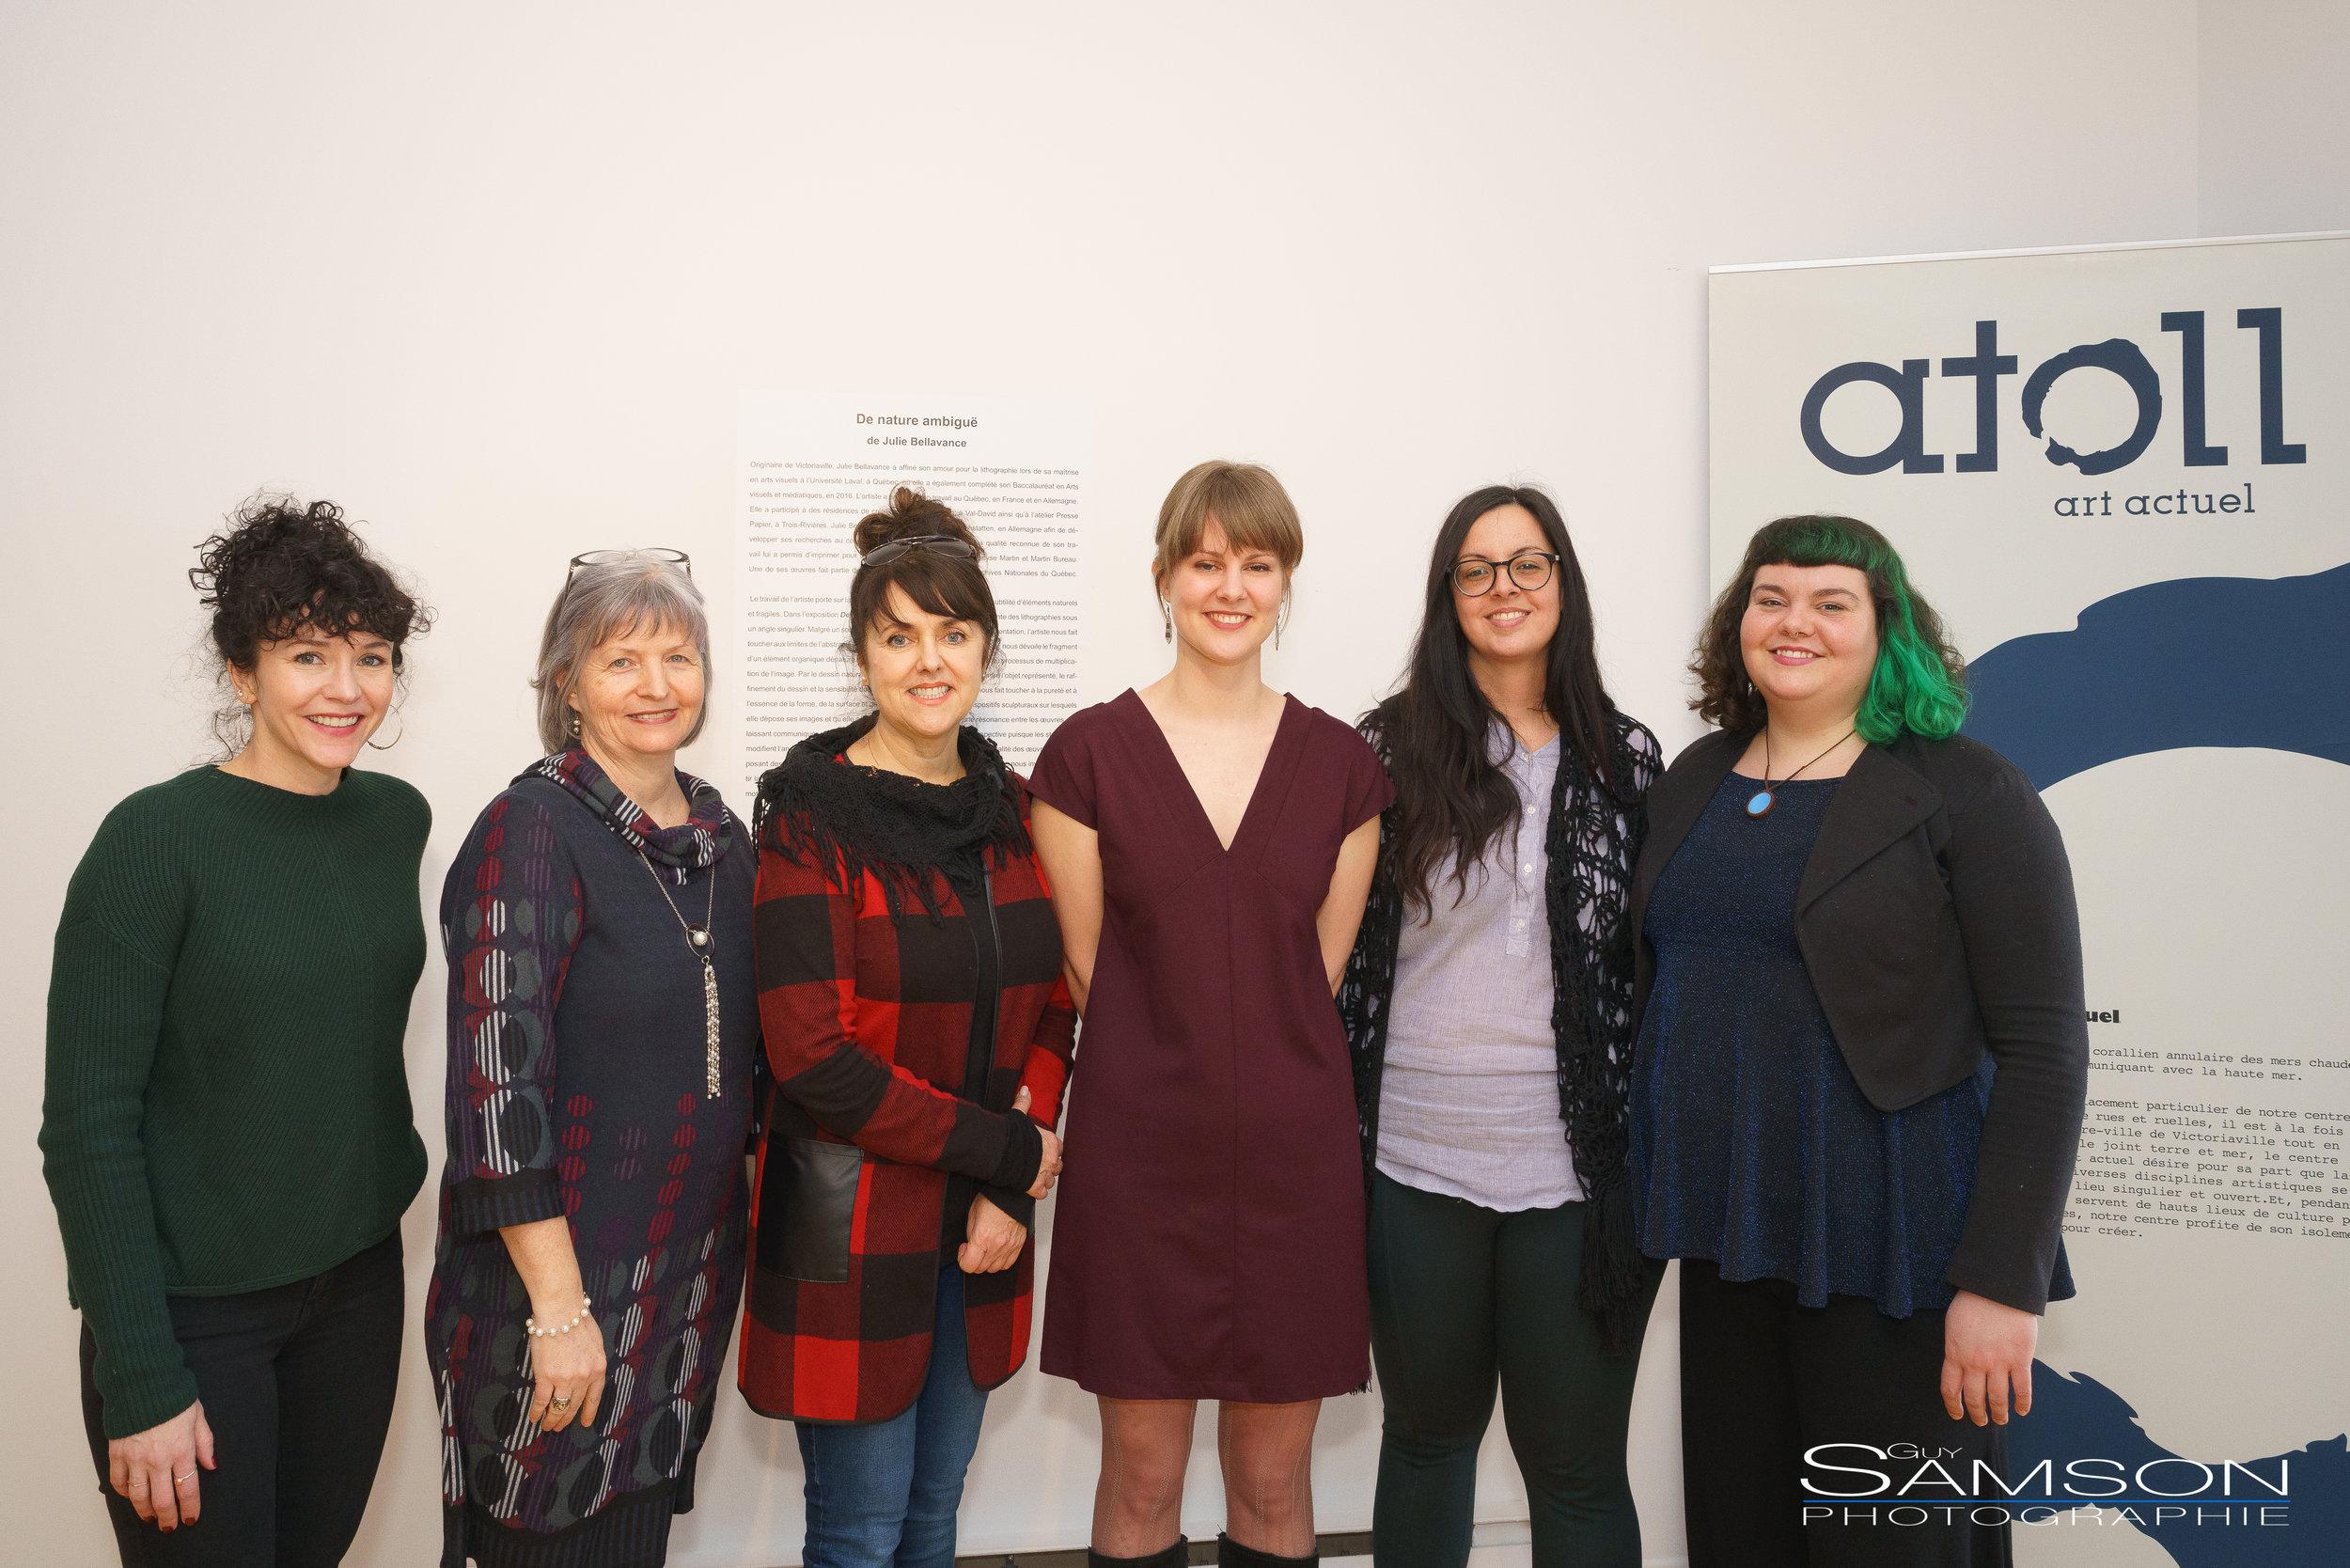 AvecAndrée-Anne Laberge,Danielle LeBlanc, Sophie Lambert,Julie Bellavance,Laurelou Helie etAnne-Sophie Zoé Gendron